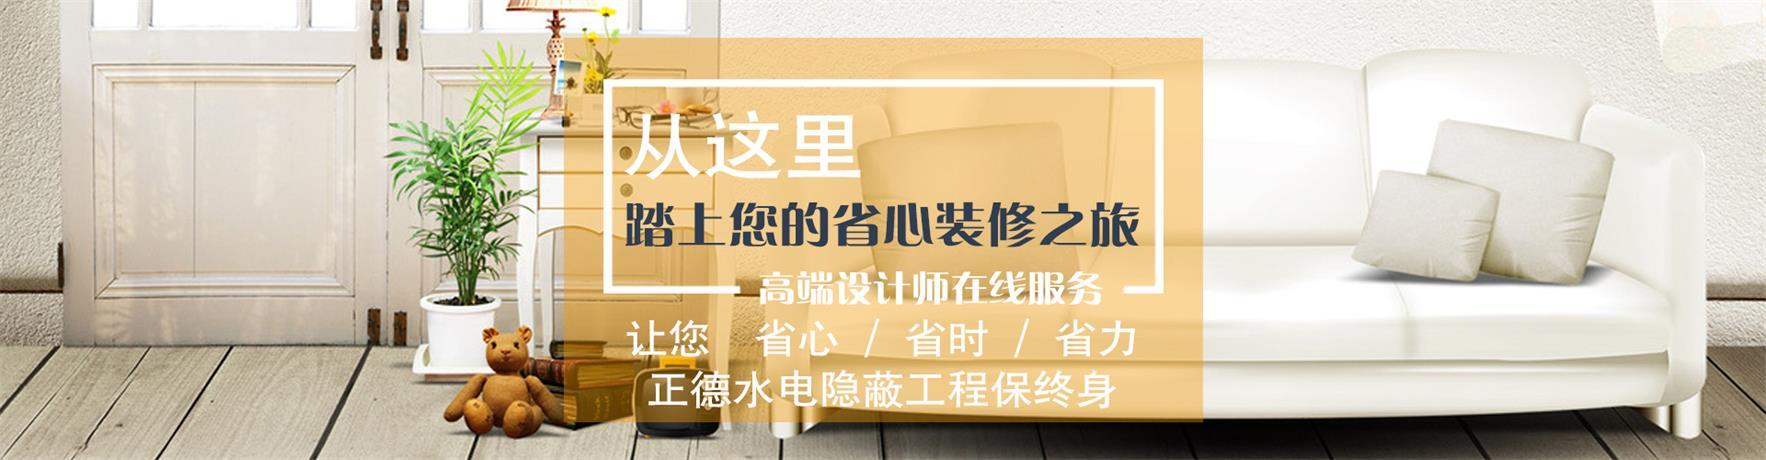 徐州正德建设工程有限公司